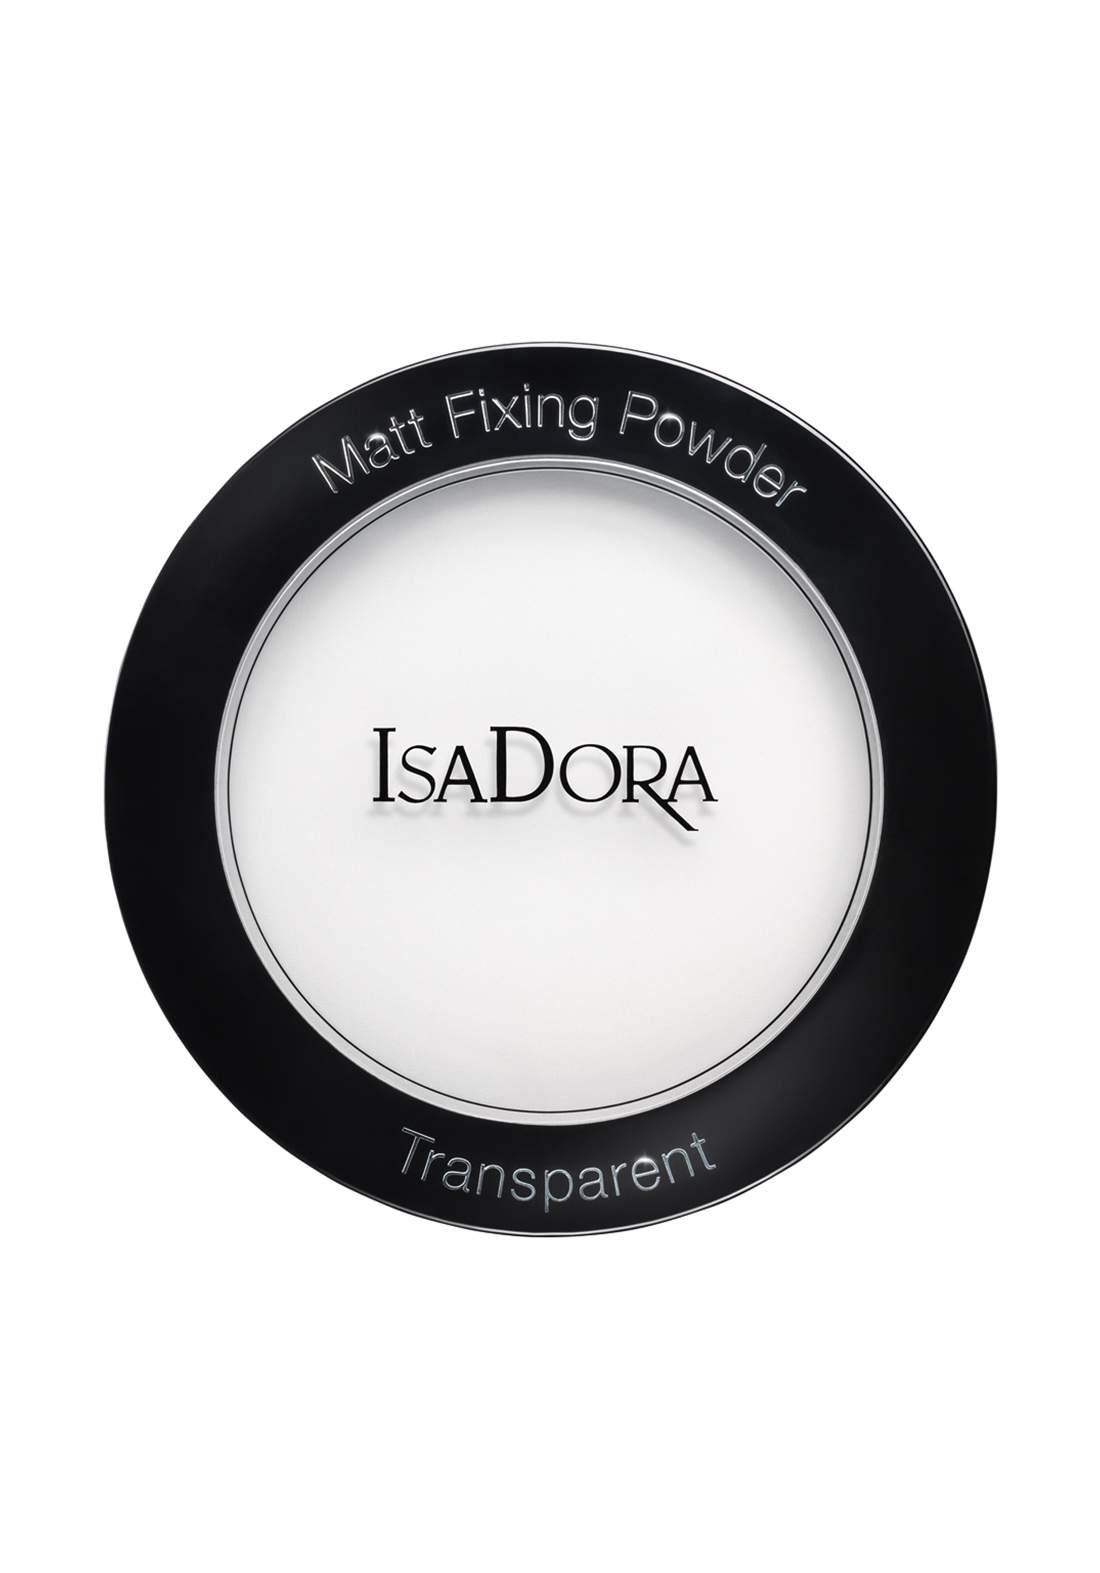 IsaDora 314335 Matt Fixing Blotting Powder - Transparent بودرة شفافة